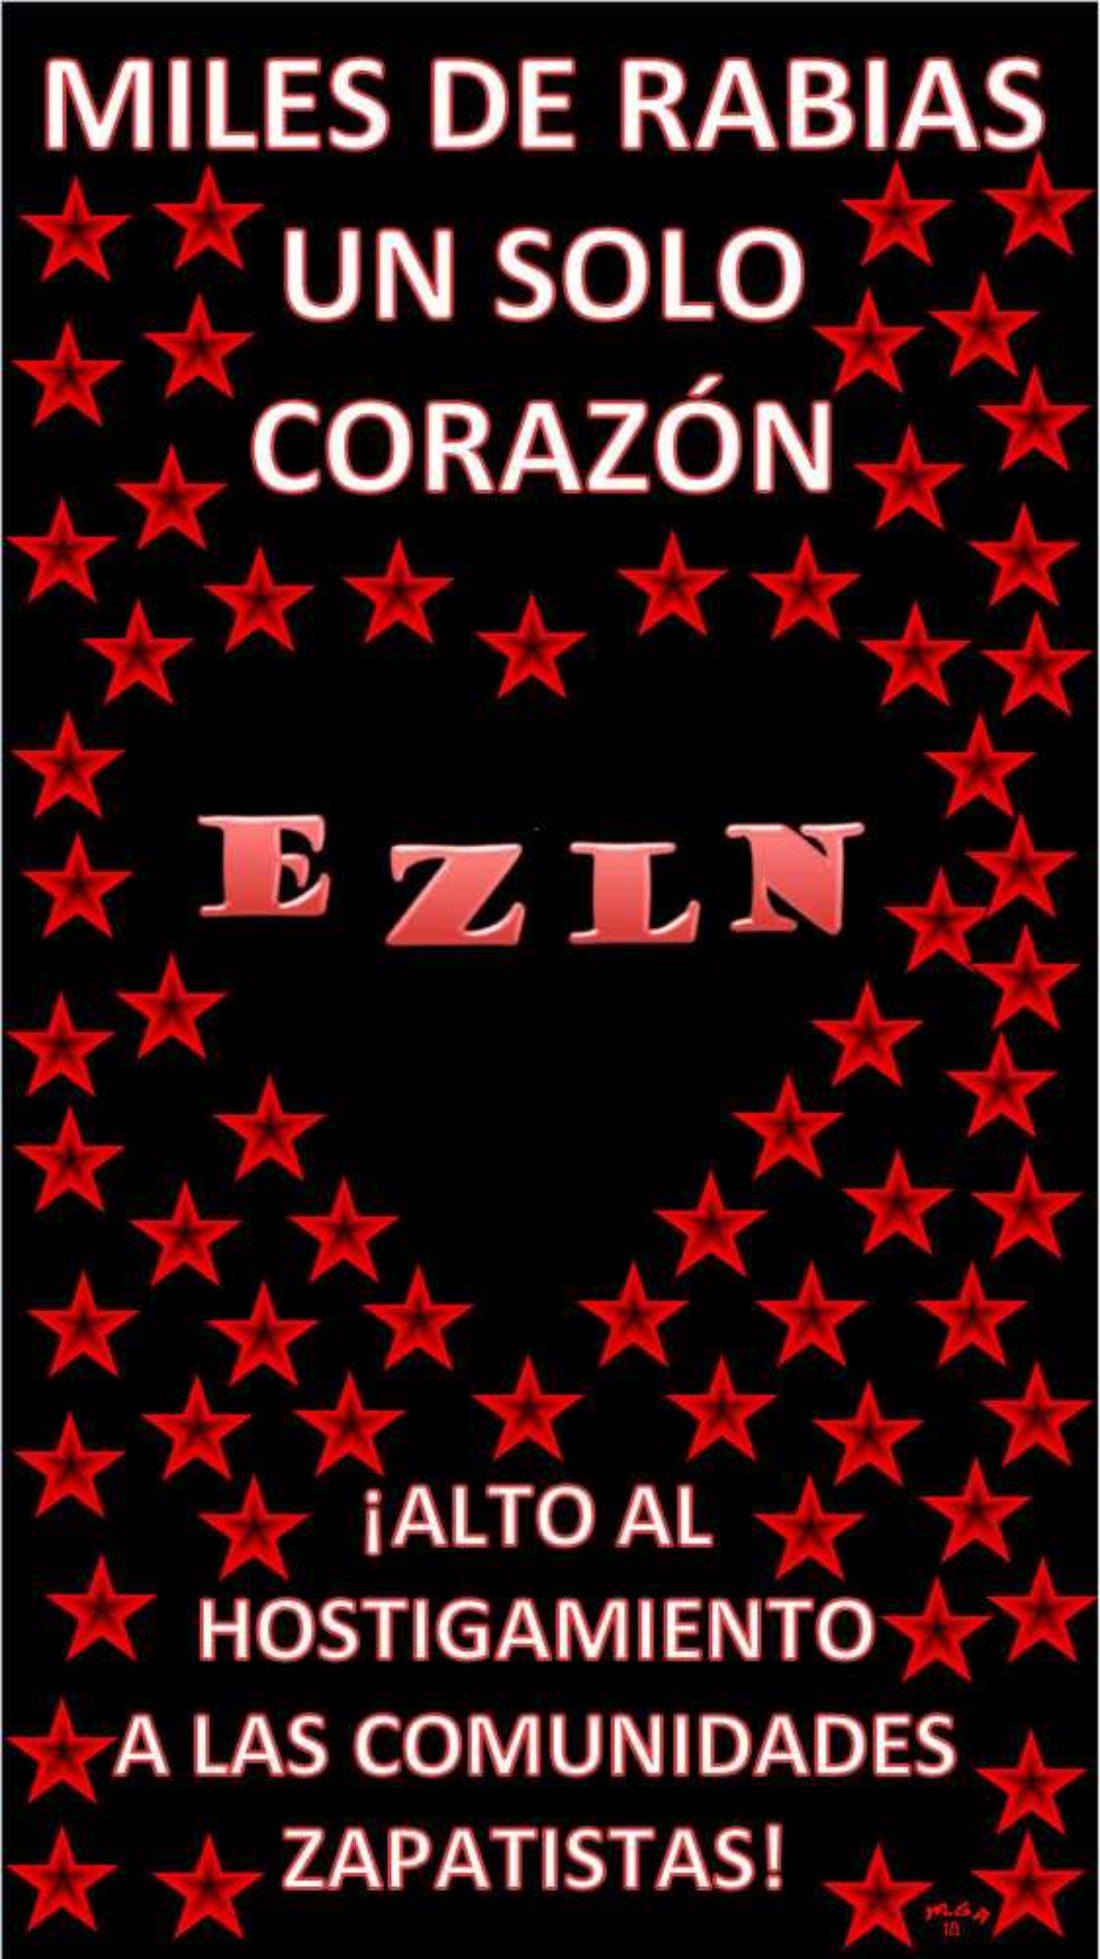 """16 de Agosto: segundo día de acciones de la Campaña """"Miles de rabias, un corazón: ¡vivan las comunidades zapatistas!"""""""